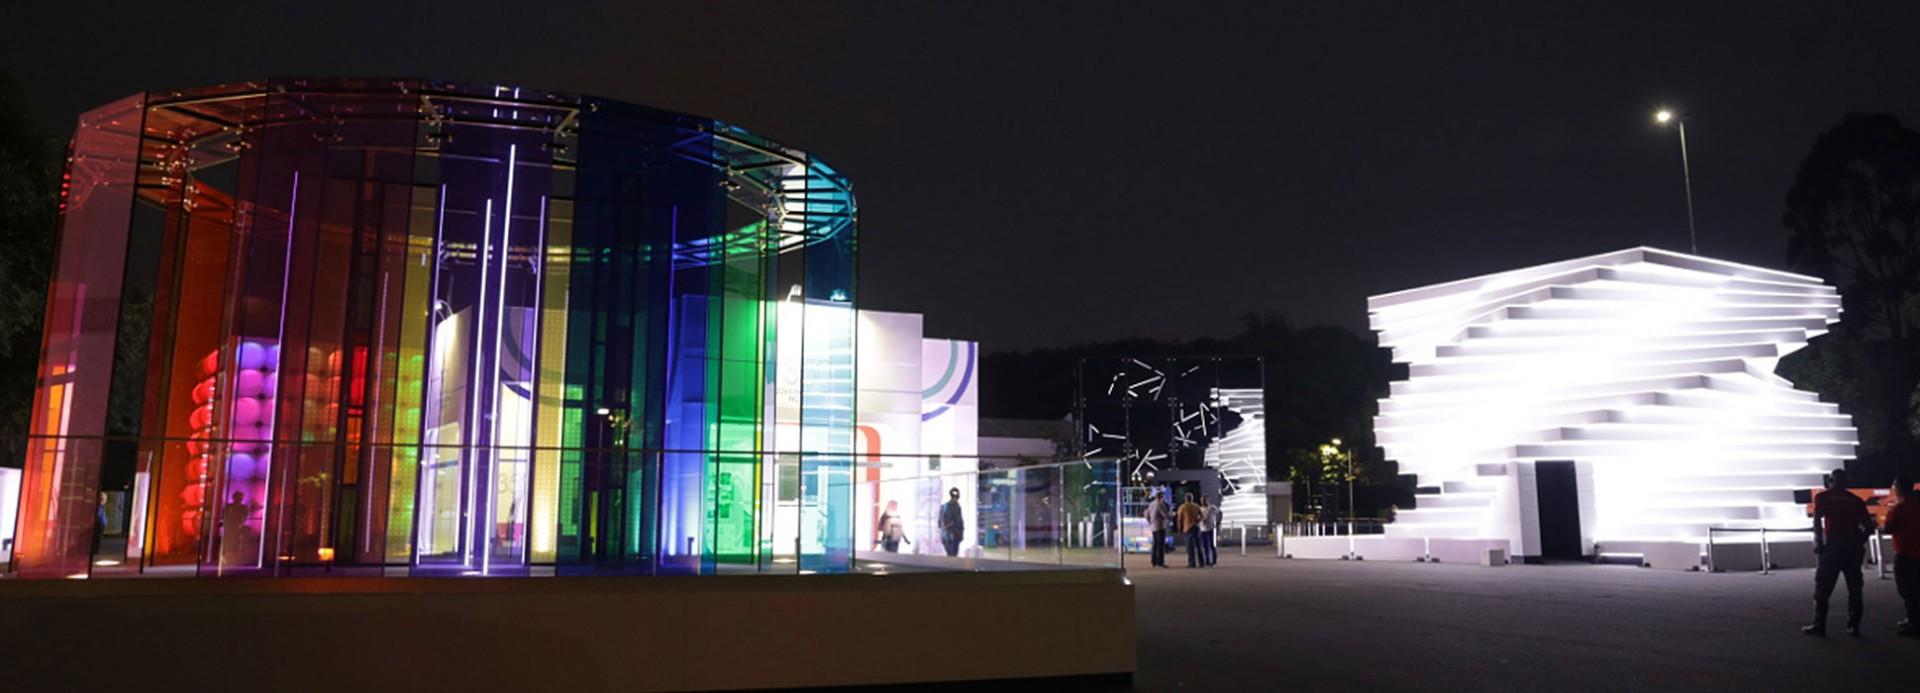 Конкурс: идејно решење за Saint Gobain стаклени павиљон